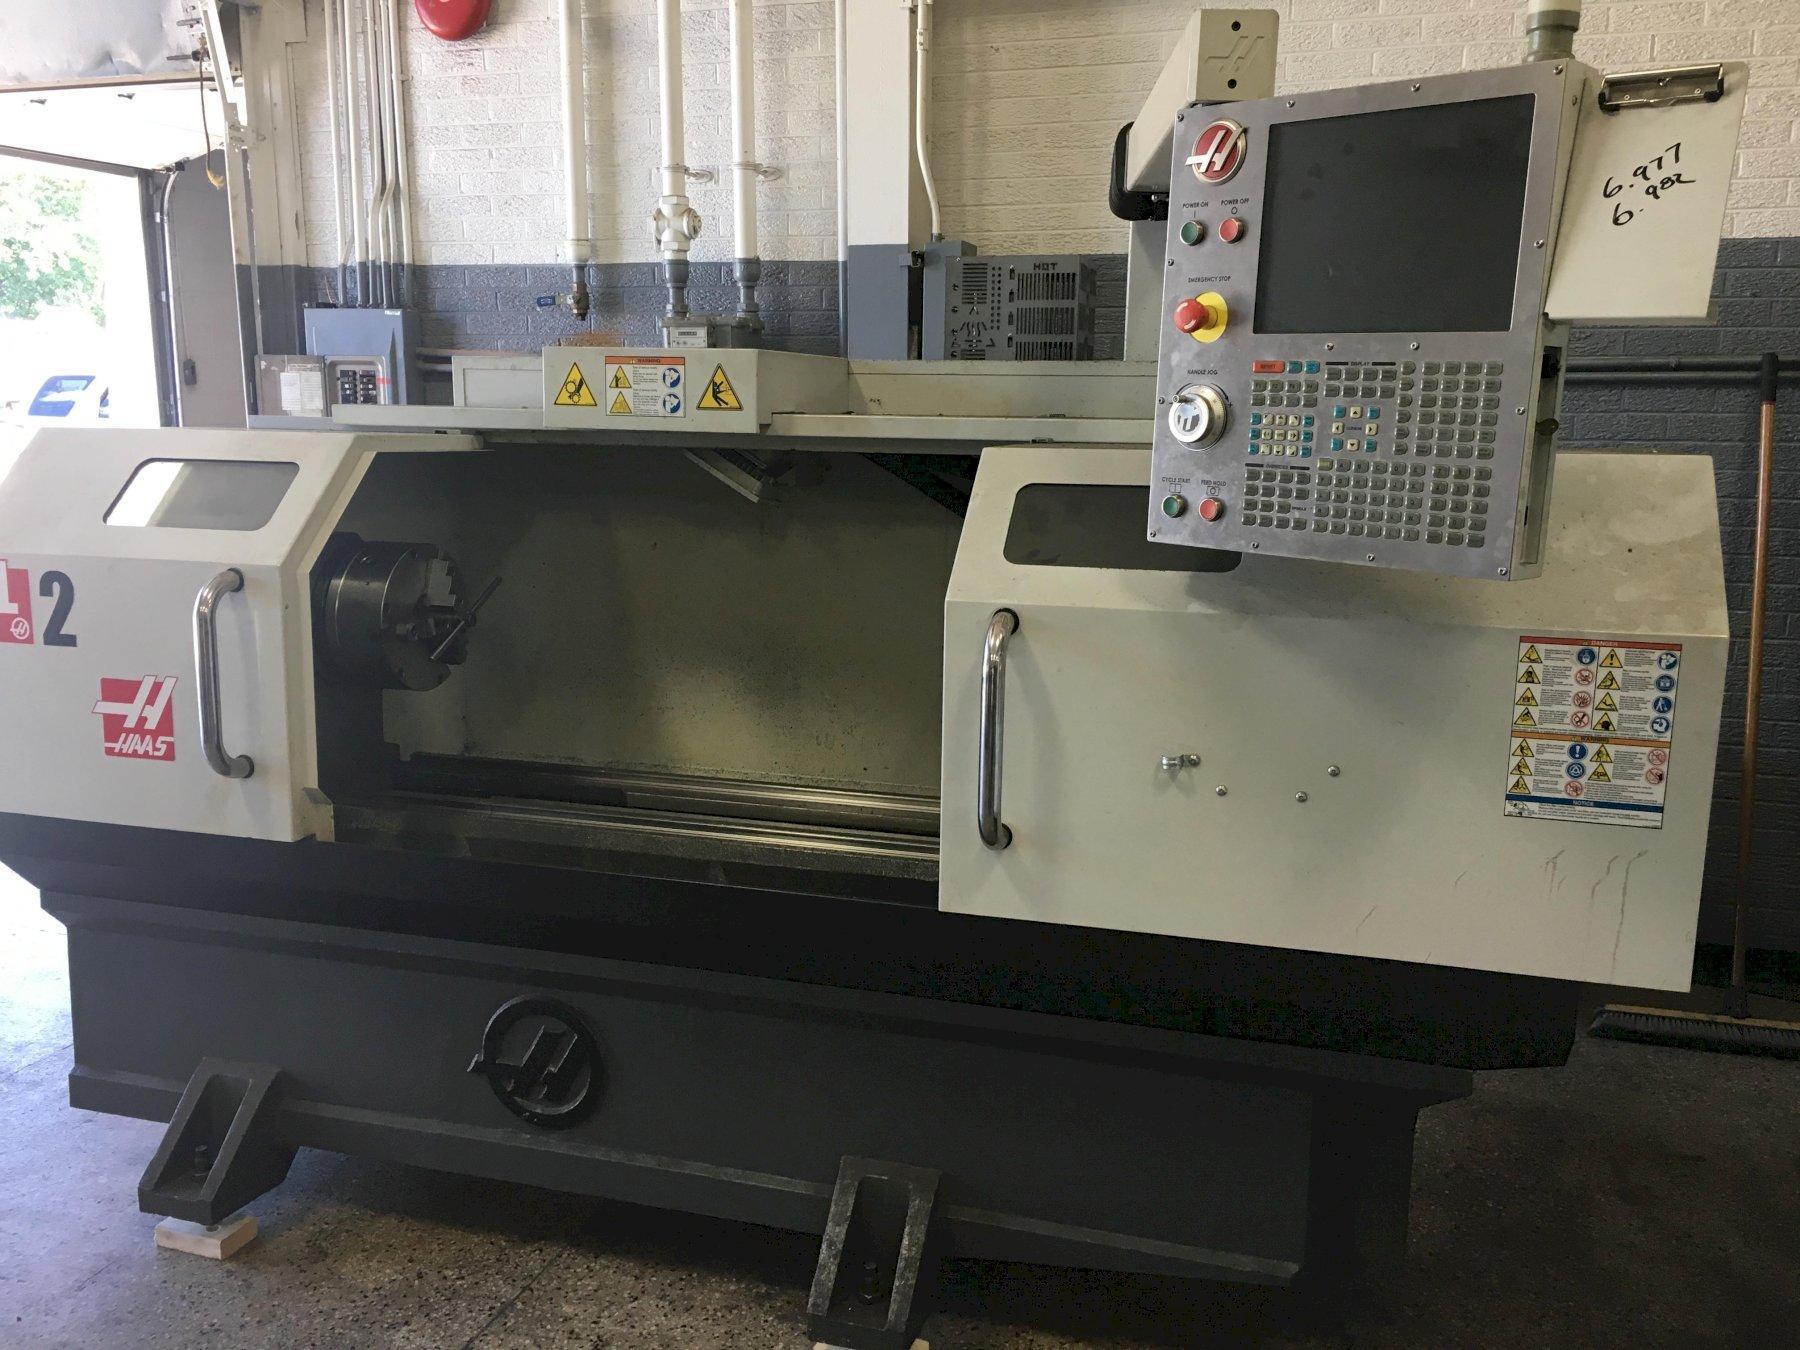 Haas TL2 Big Bore CNC Flat Bed Lathe, S/N 3101663, New 2015.